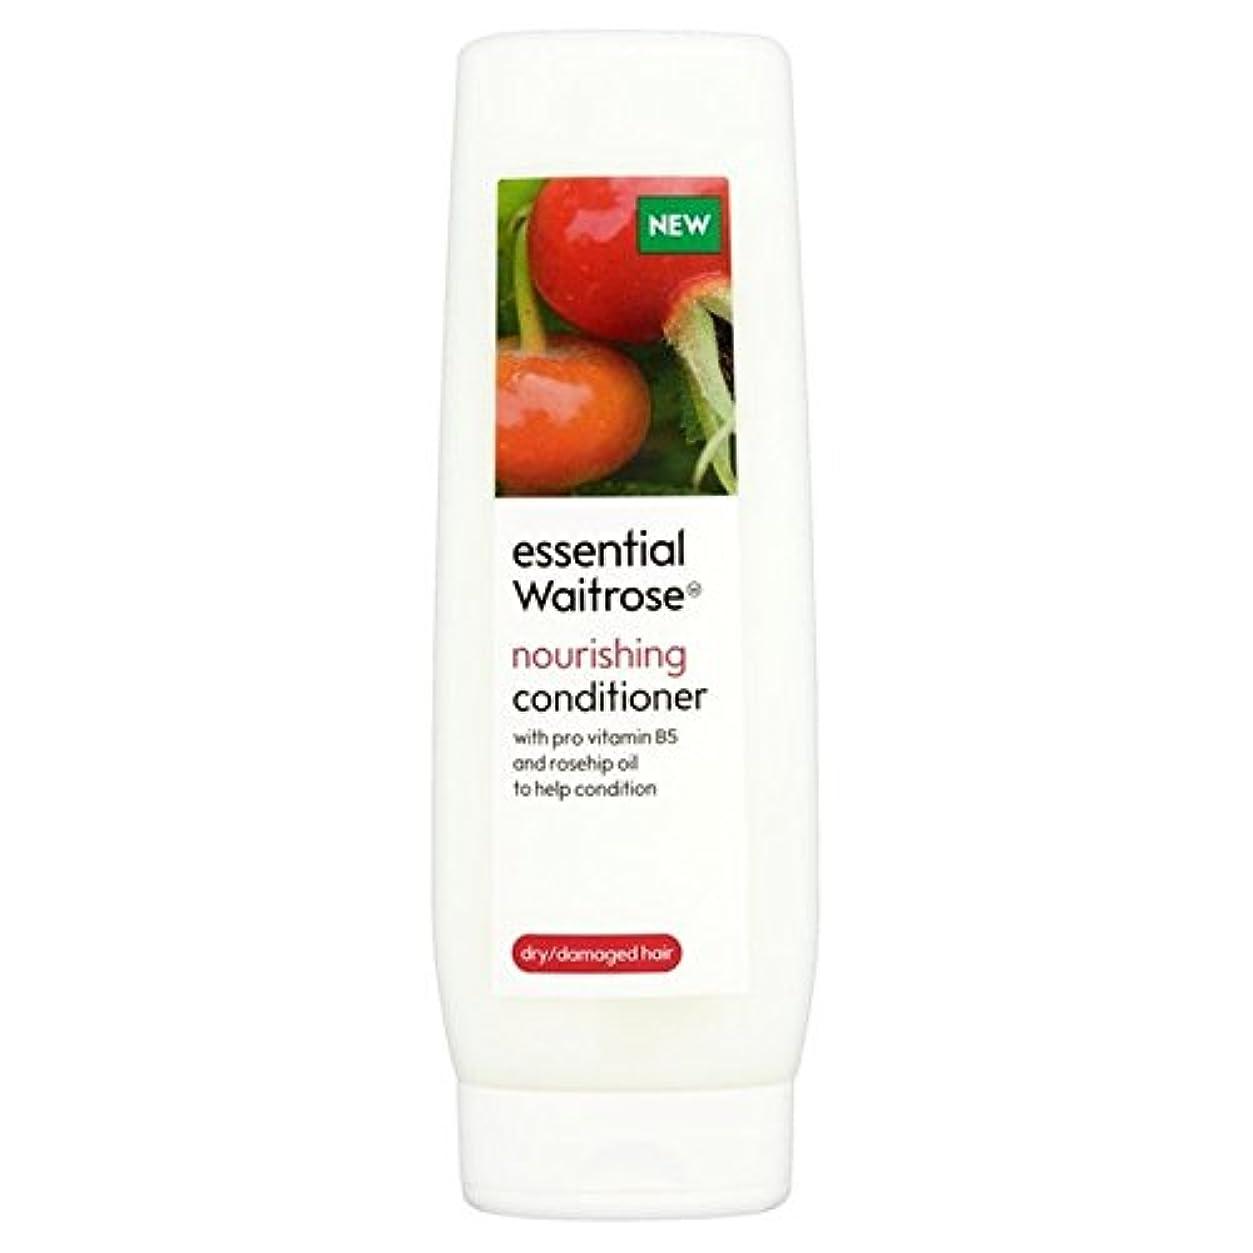 中央値画像多分Conditioner for Dry & Damaged Hair essential Waitrose 300ml - ドライ&ダメージヘア不可欠ウェイトローズの300ミリリットルのためのコンディショナー [並行輸入品]